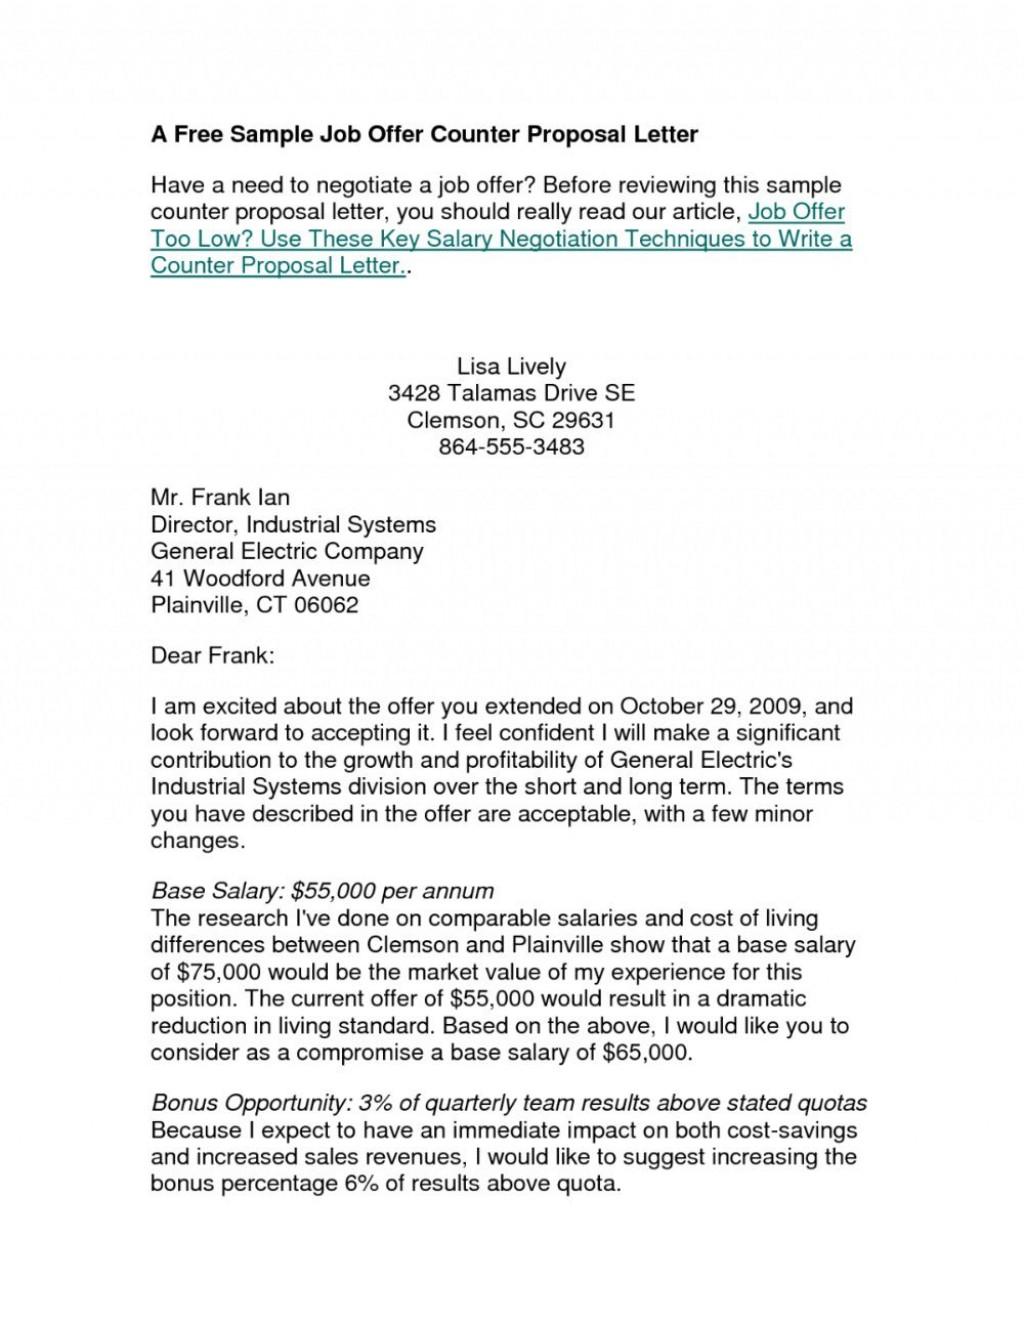 006 Impressive Counter Offer Letter Template Inspiration  Real Estate Settlement DebtLarge